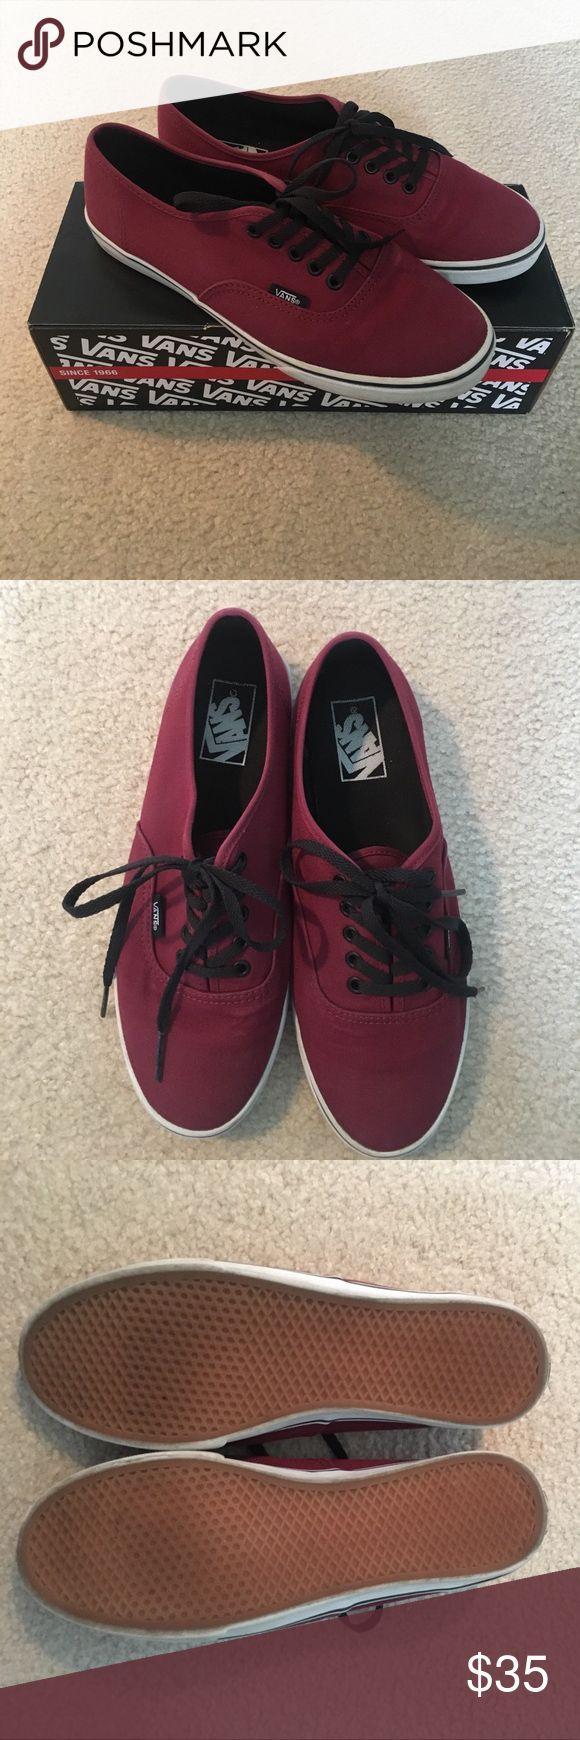 ⚡️Vans Authentic Lo Pro Tawny Port Shoes⚡️ ➳Vans Authentic Lo Pro Skate Shoes in color Tawny Port.                                                                                           ➳Barely worn. Excellent condition.                                      ➳Size Women's 8.5/Men's 7.0 Vans Shoes Sneakers